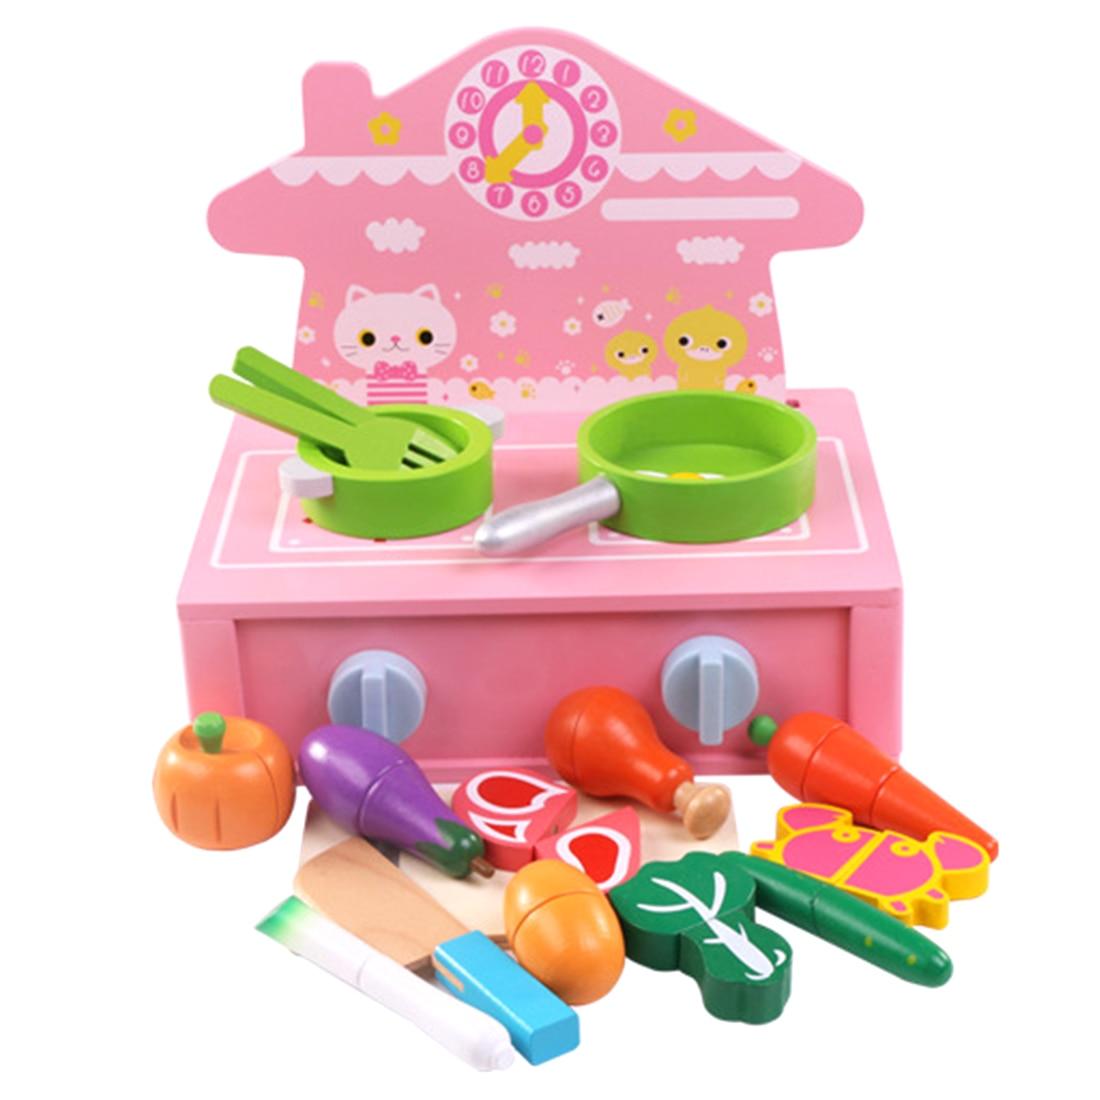 22 pièces enfants semblant jouer jouets magnétisme cuisinière cuisine cuisson coupe Playset pour enfants livraison directe-rose